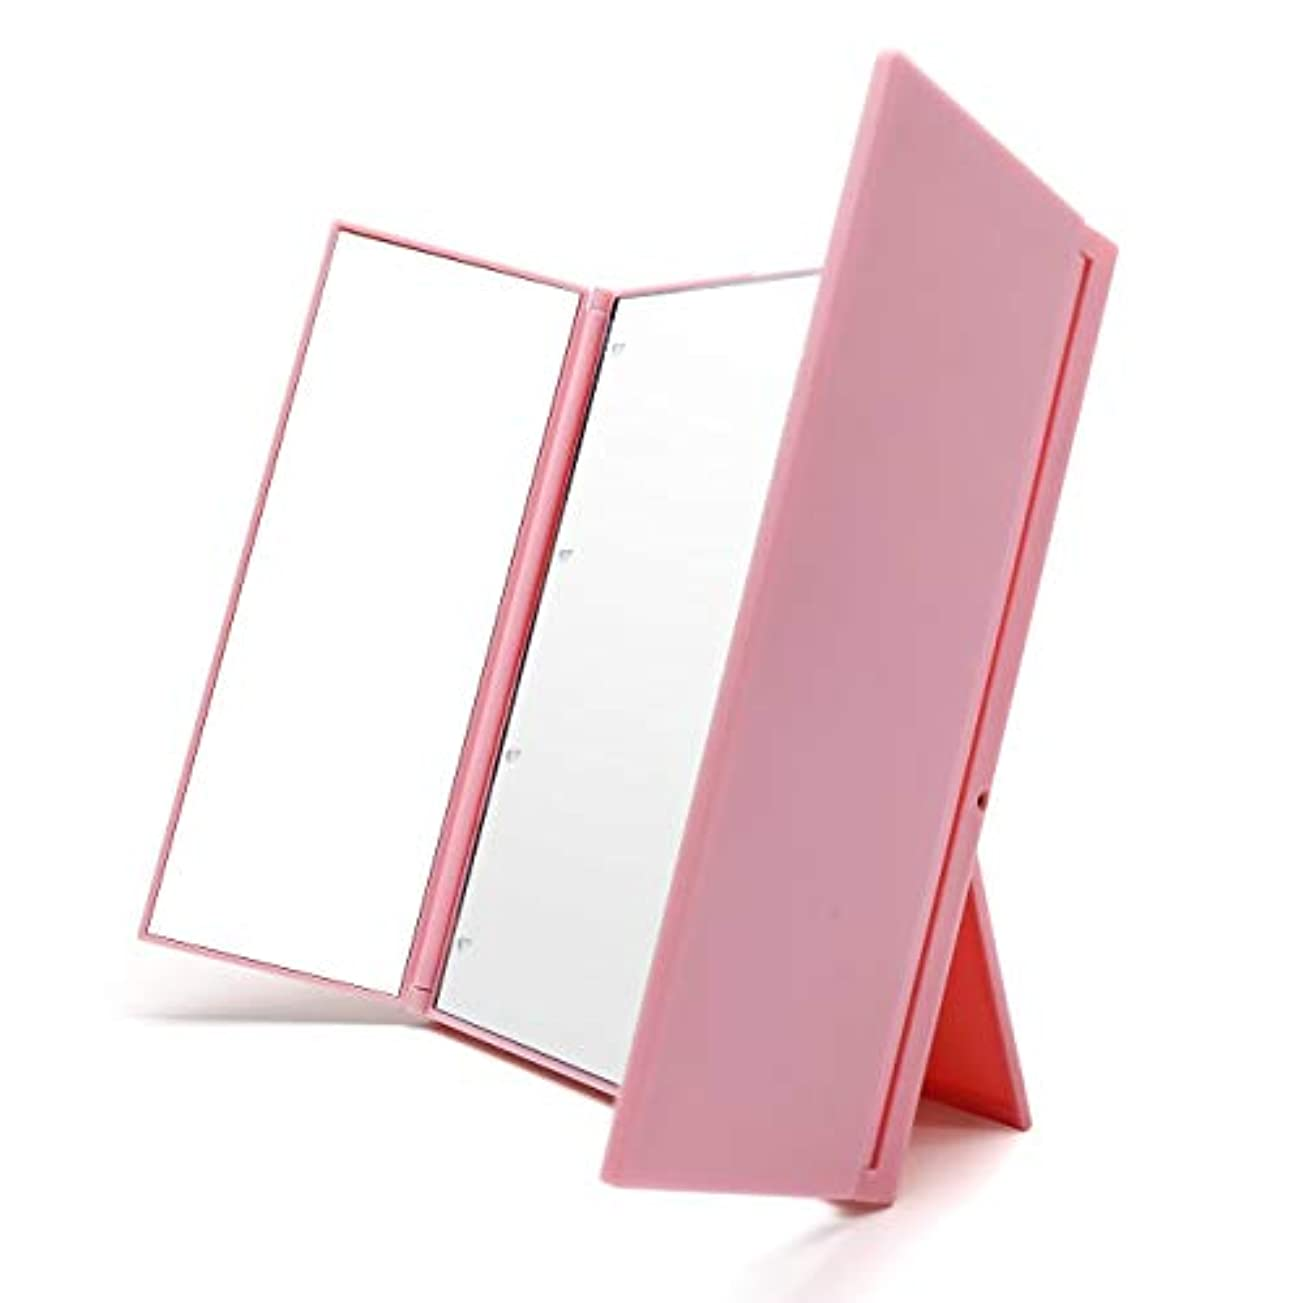 軌道ずらすピニオンVidgoo 鏡 卓上 スタンドミラー LED 化粧鏡 三面鏡 女優ミラー 折り畳み式 電池型 携帯便利(ピンク)